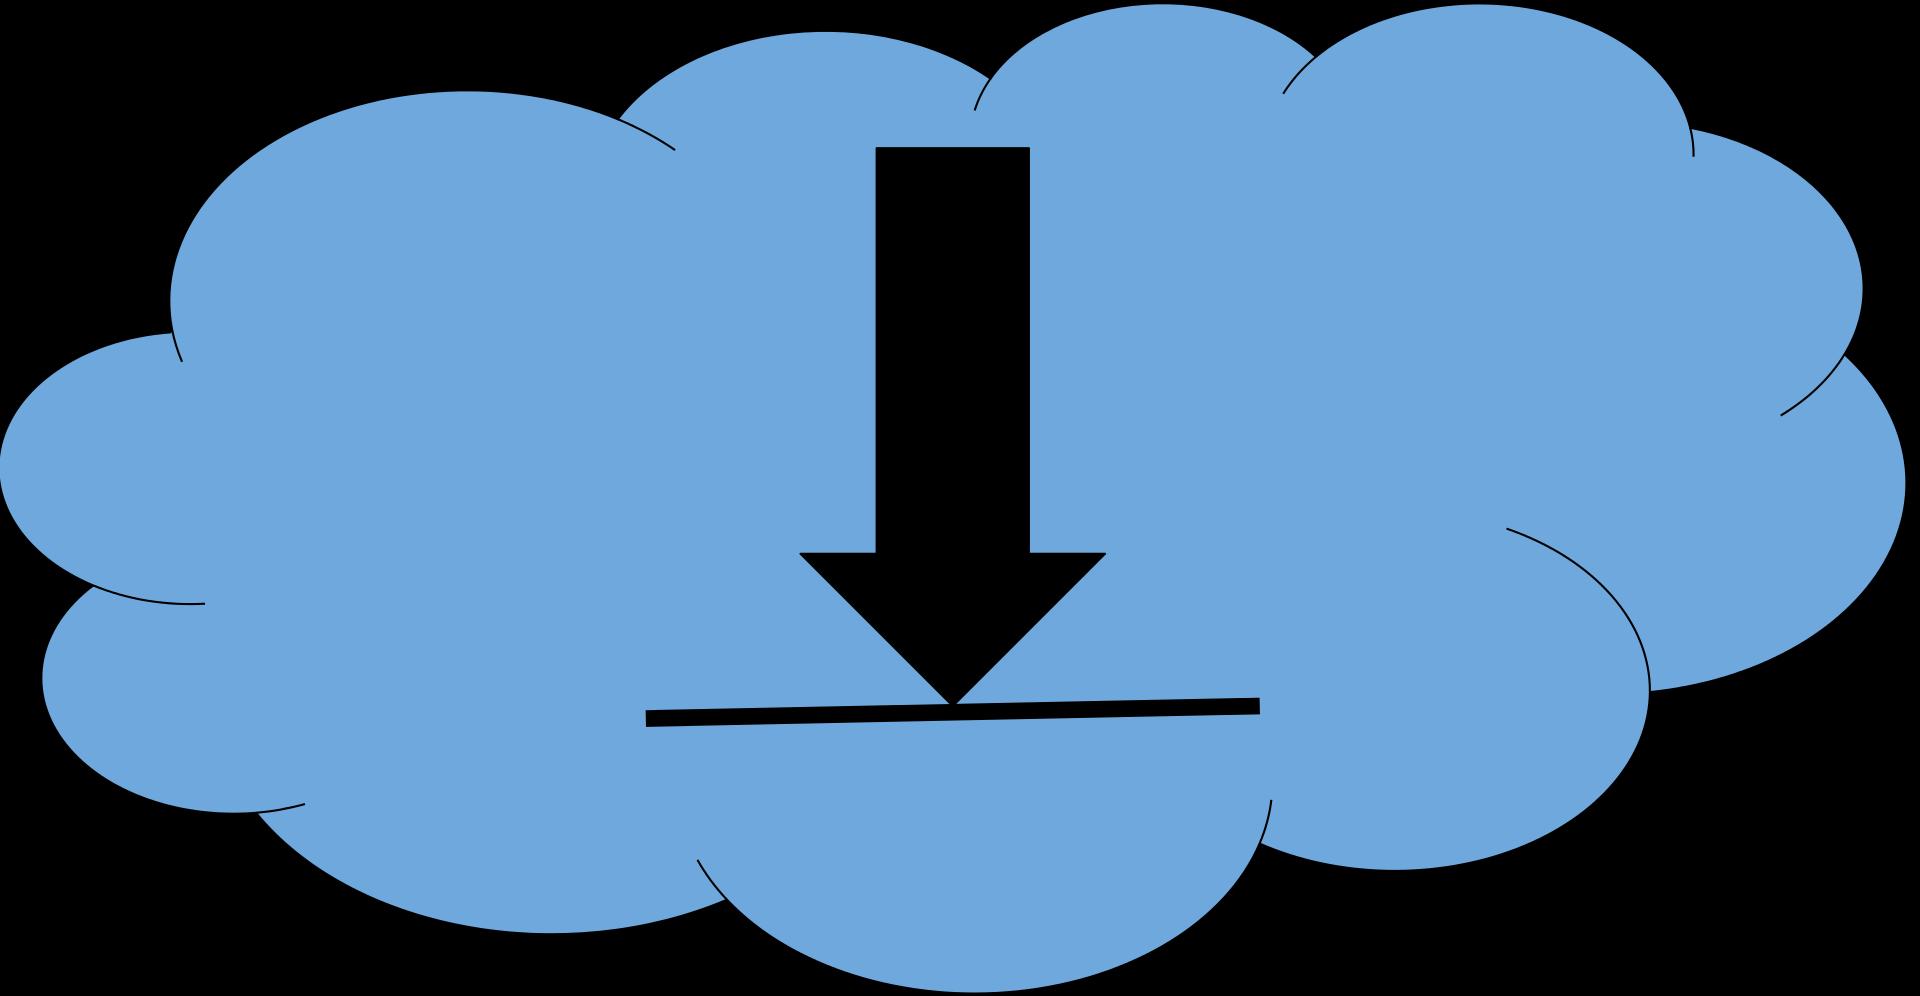 Partage de fichiers : Augmentation du téléchargement